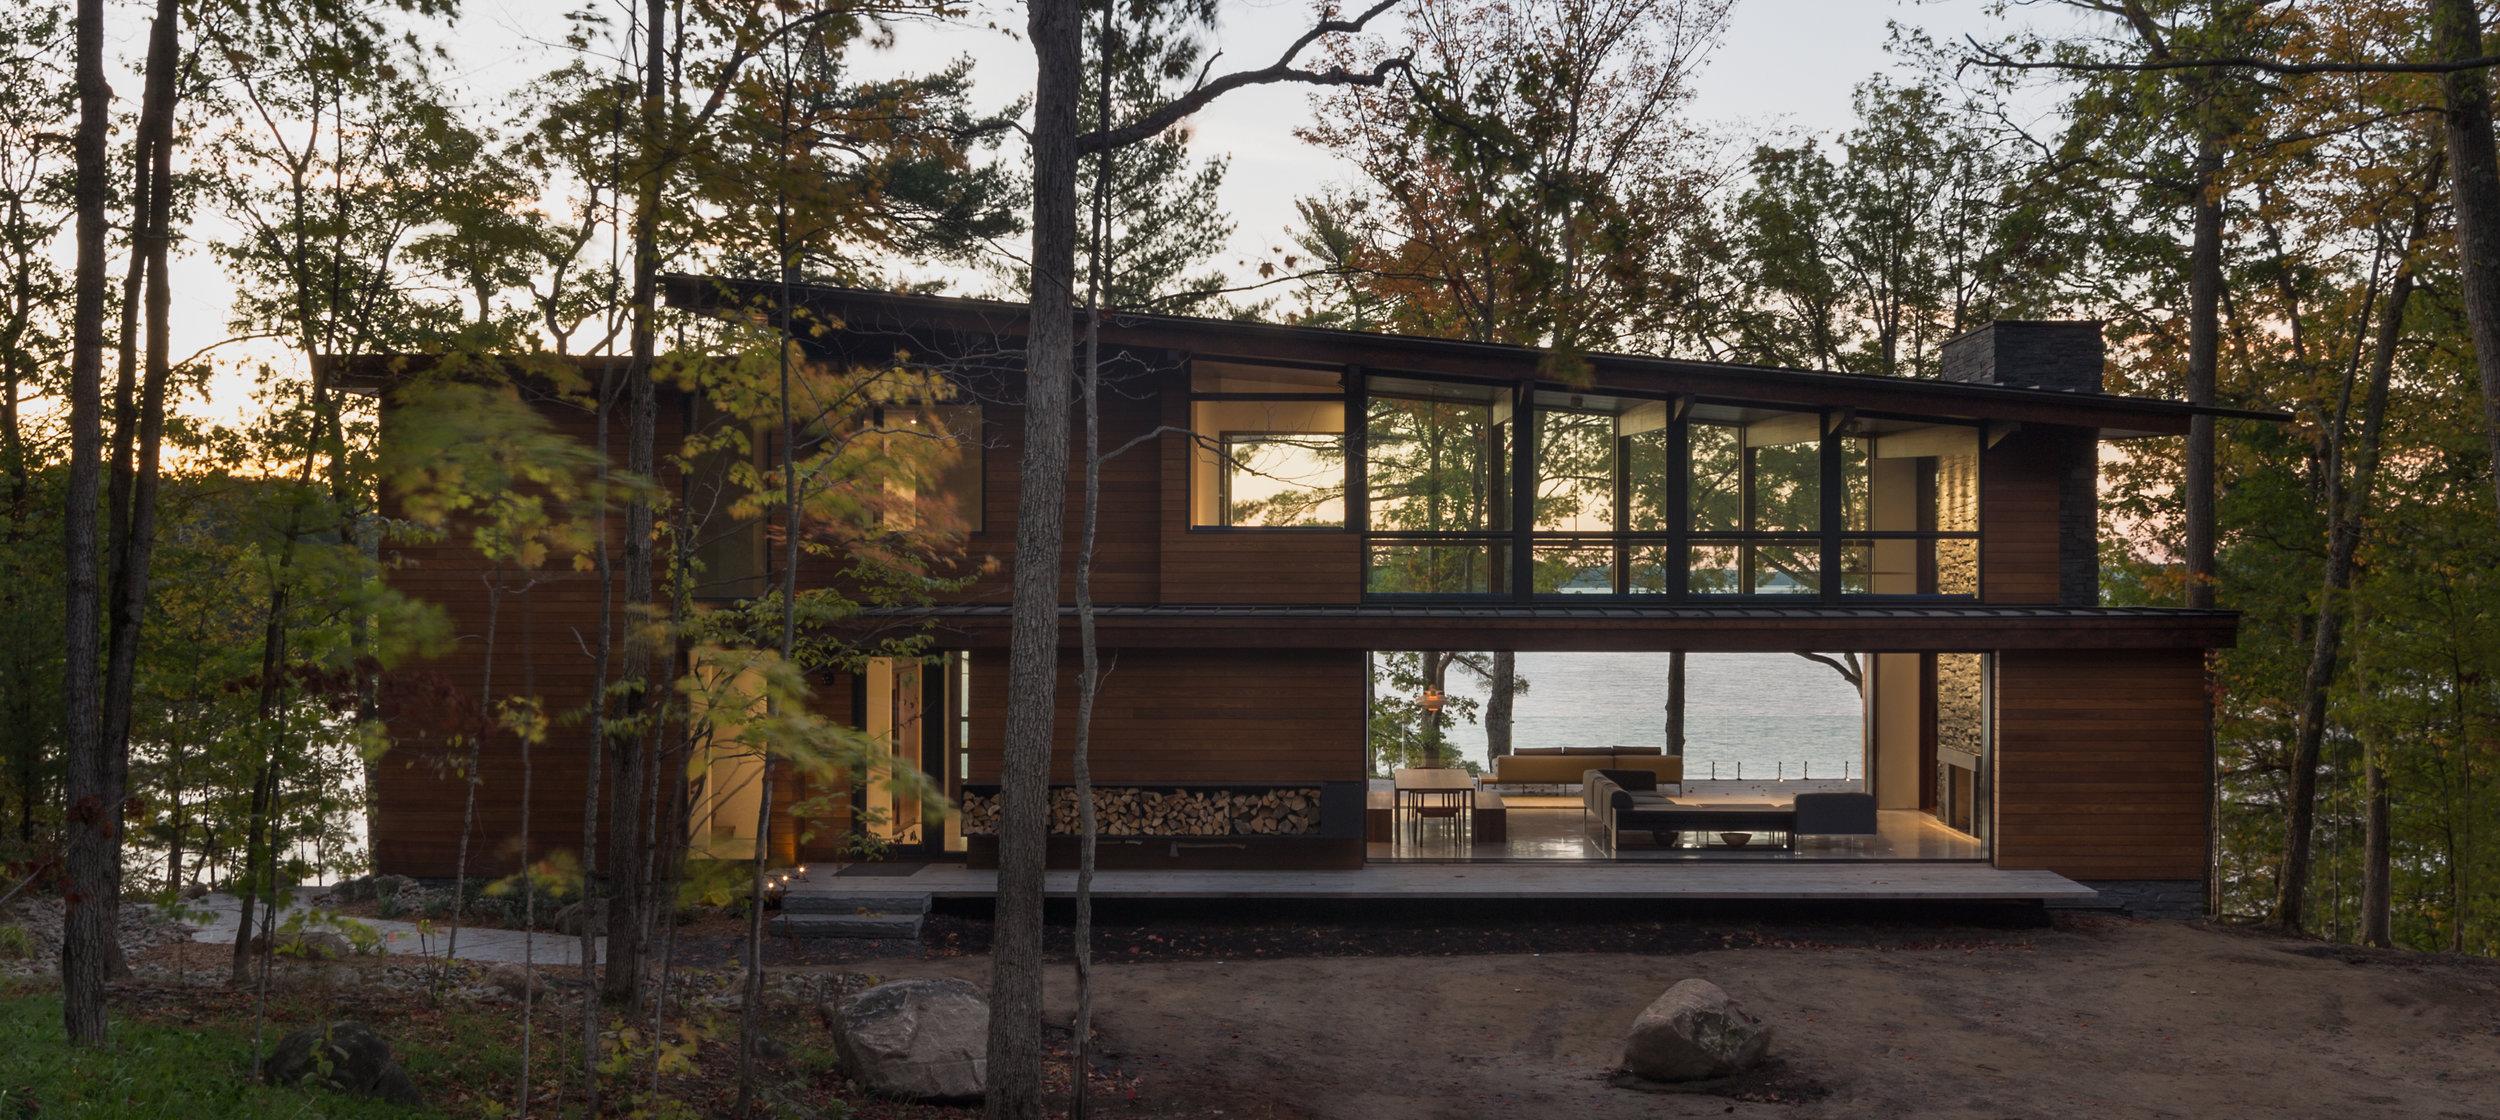 turkel_design_modern_prefab_home_muskoka_cottage_exterior.jpg